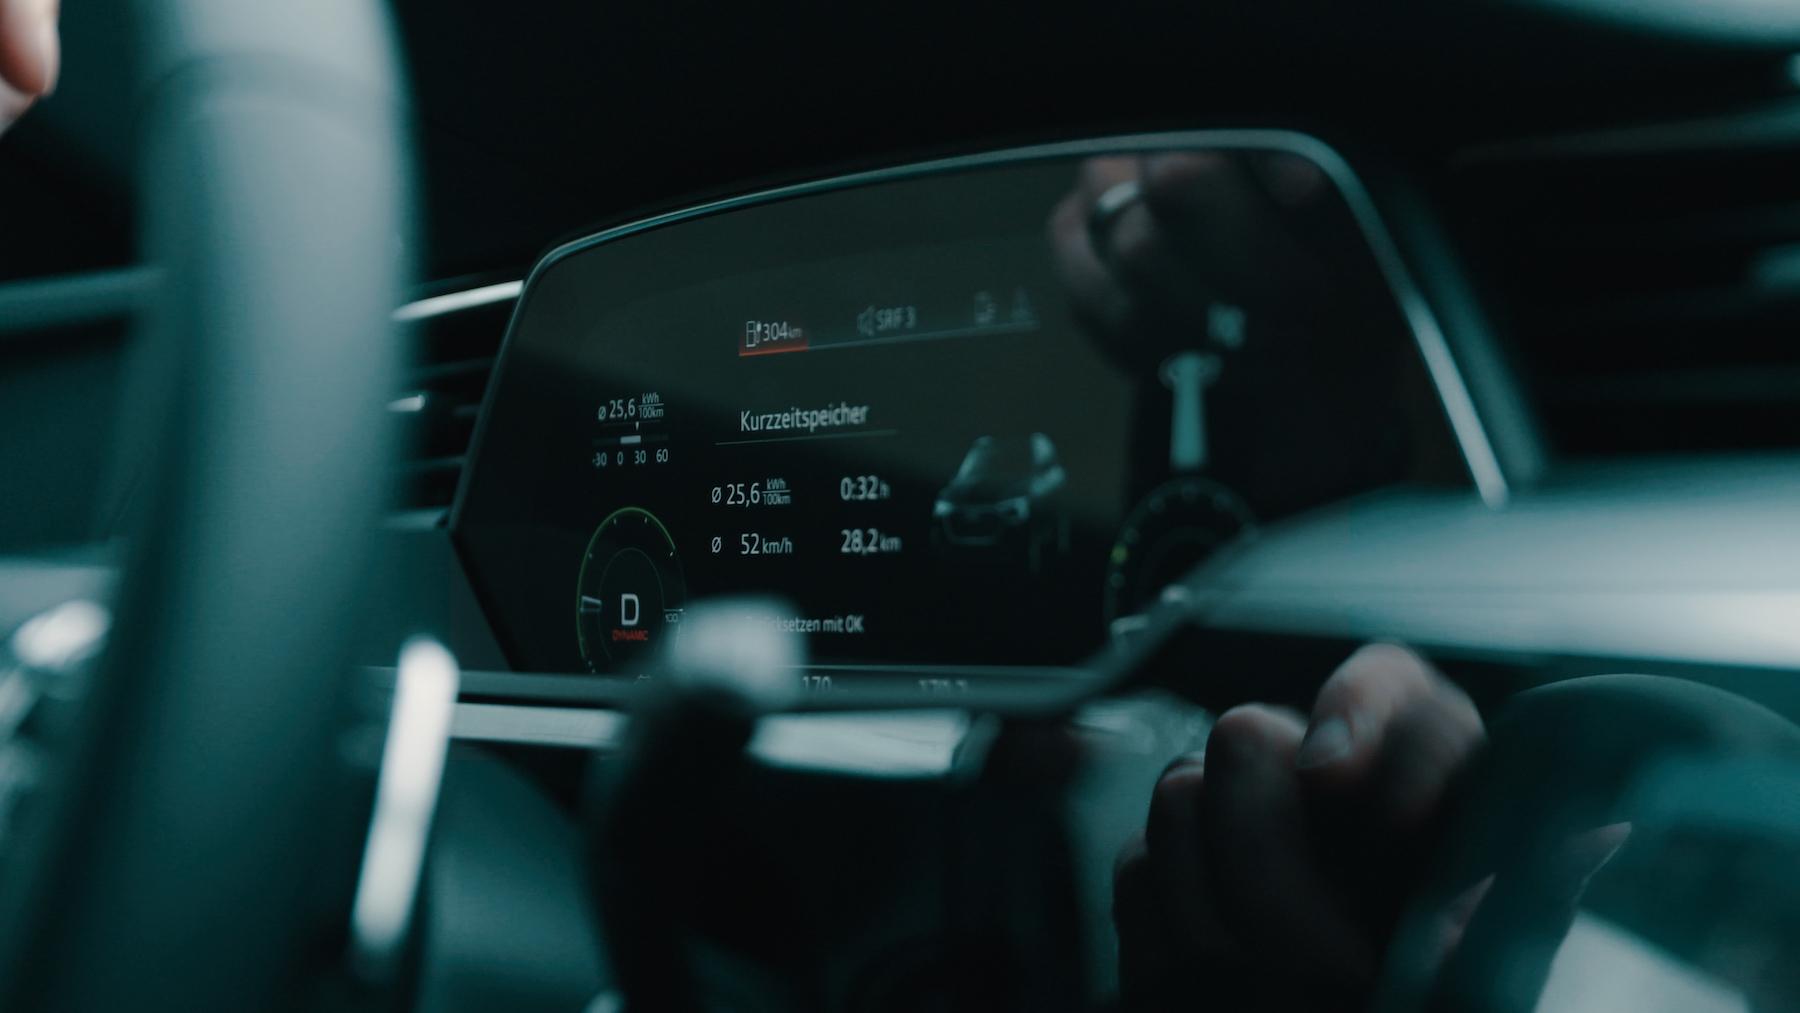 Das Virtual cockpit des Audi e-tron zeigt an, wie weit die gespeicherte Energie noch reicht.